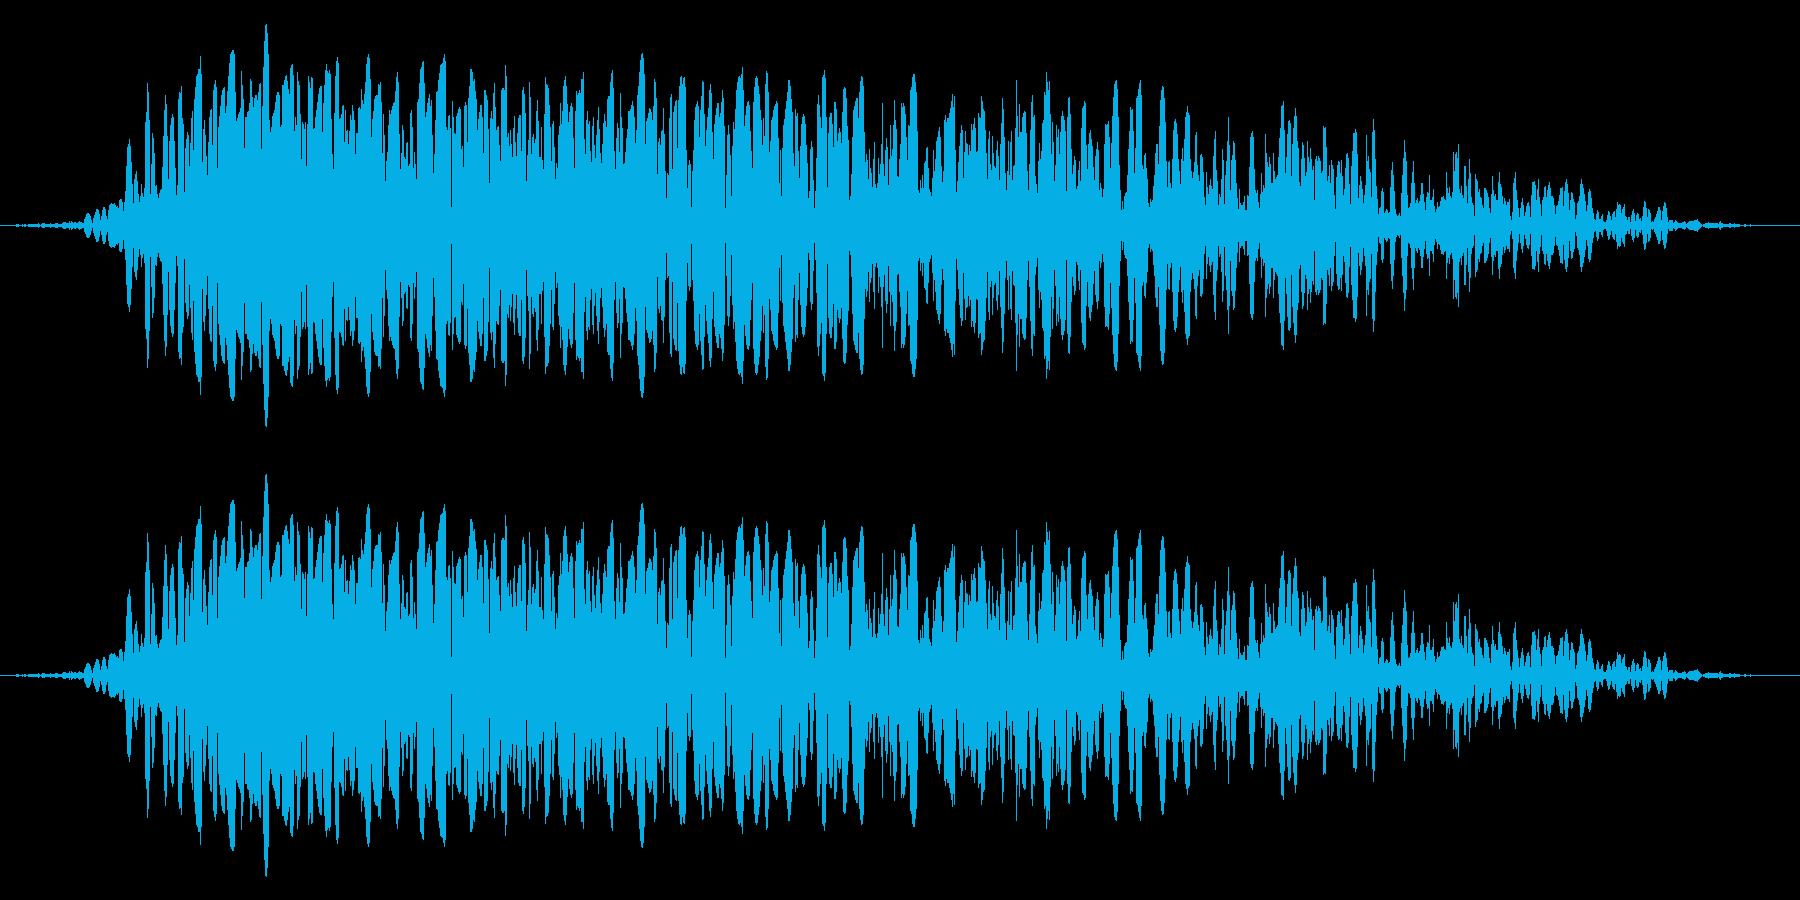 ボォォ!炎の音2の再生済みの波形